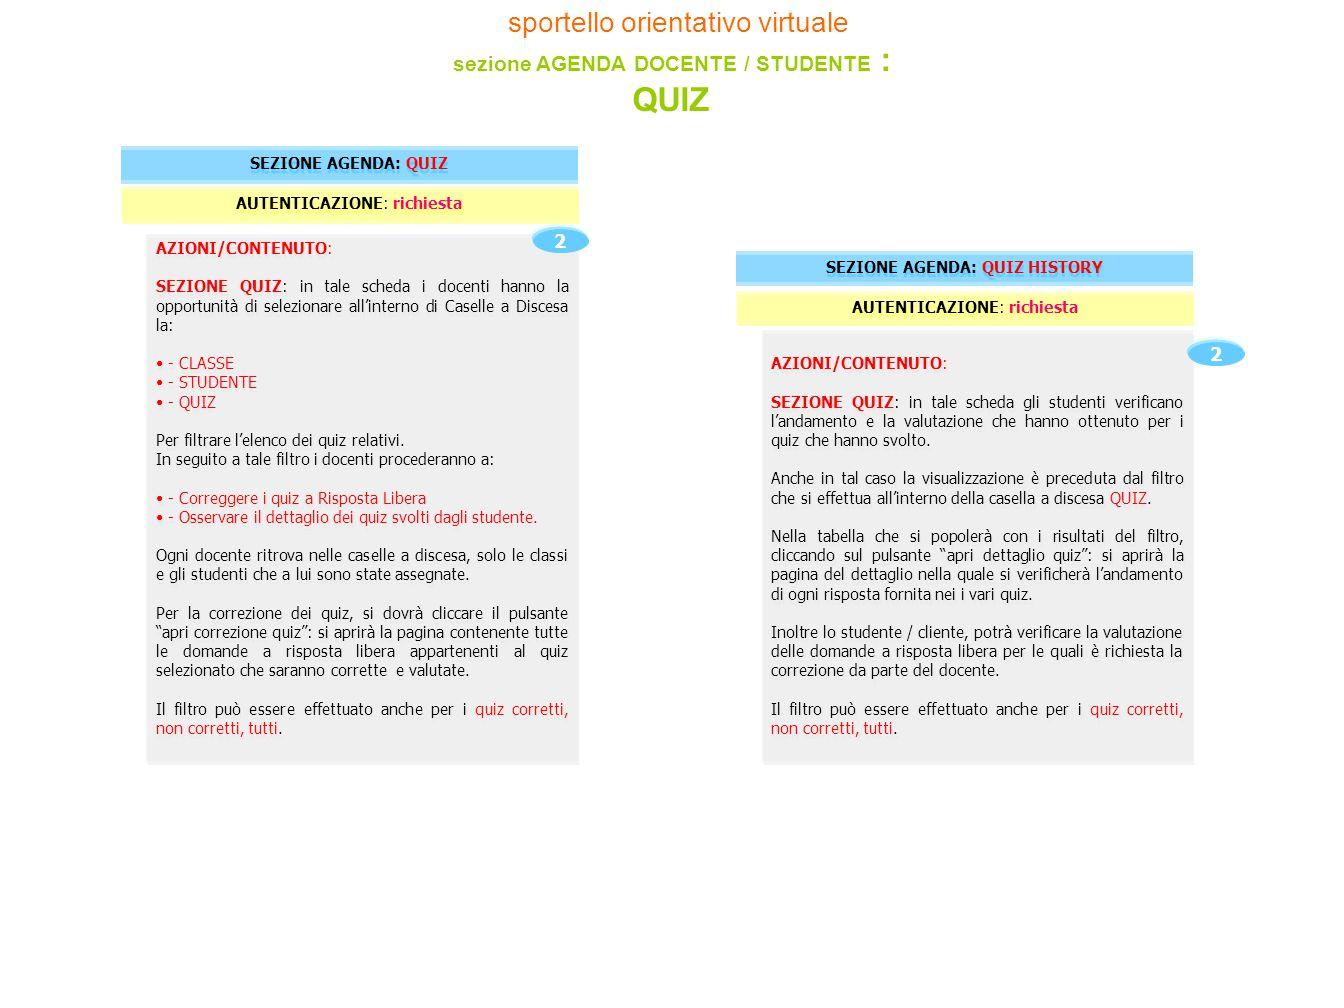 sportello orientativo virtuale sezione AGENDA DOCENTE / STUDENTE : QUIZ AZIONI/CONTENUTO: SEZIONE QUIZ: in tale scheda i docenti hanno la opportunità